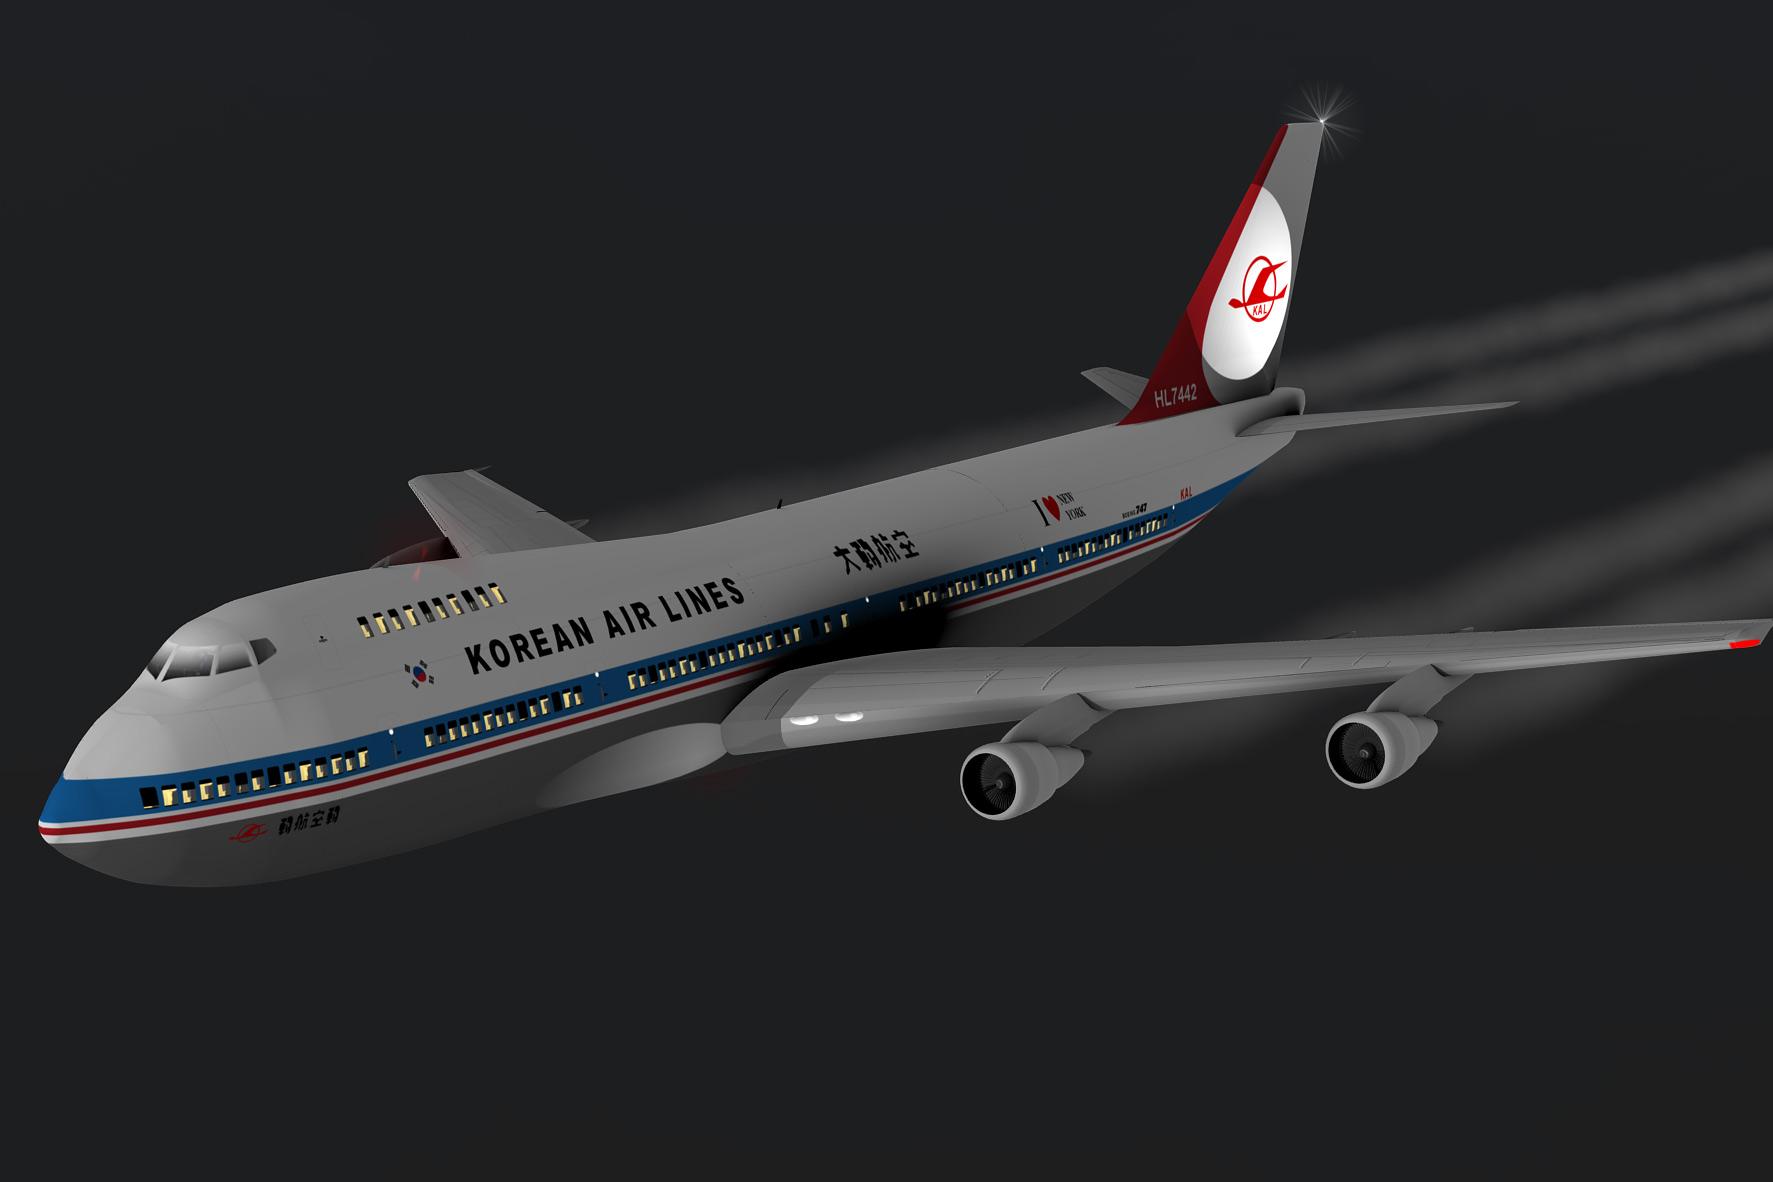 Sự thật về vụ Liên Xô bắn hạ máy bay chở khách Hàn Quốc